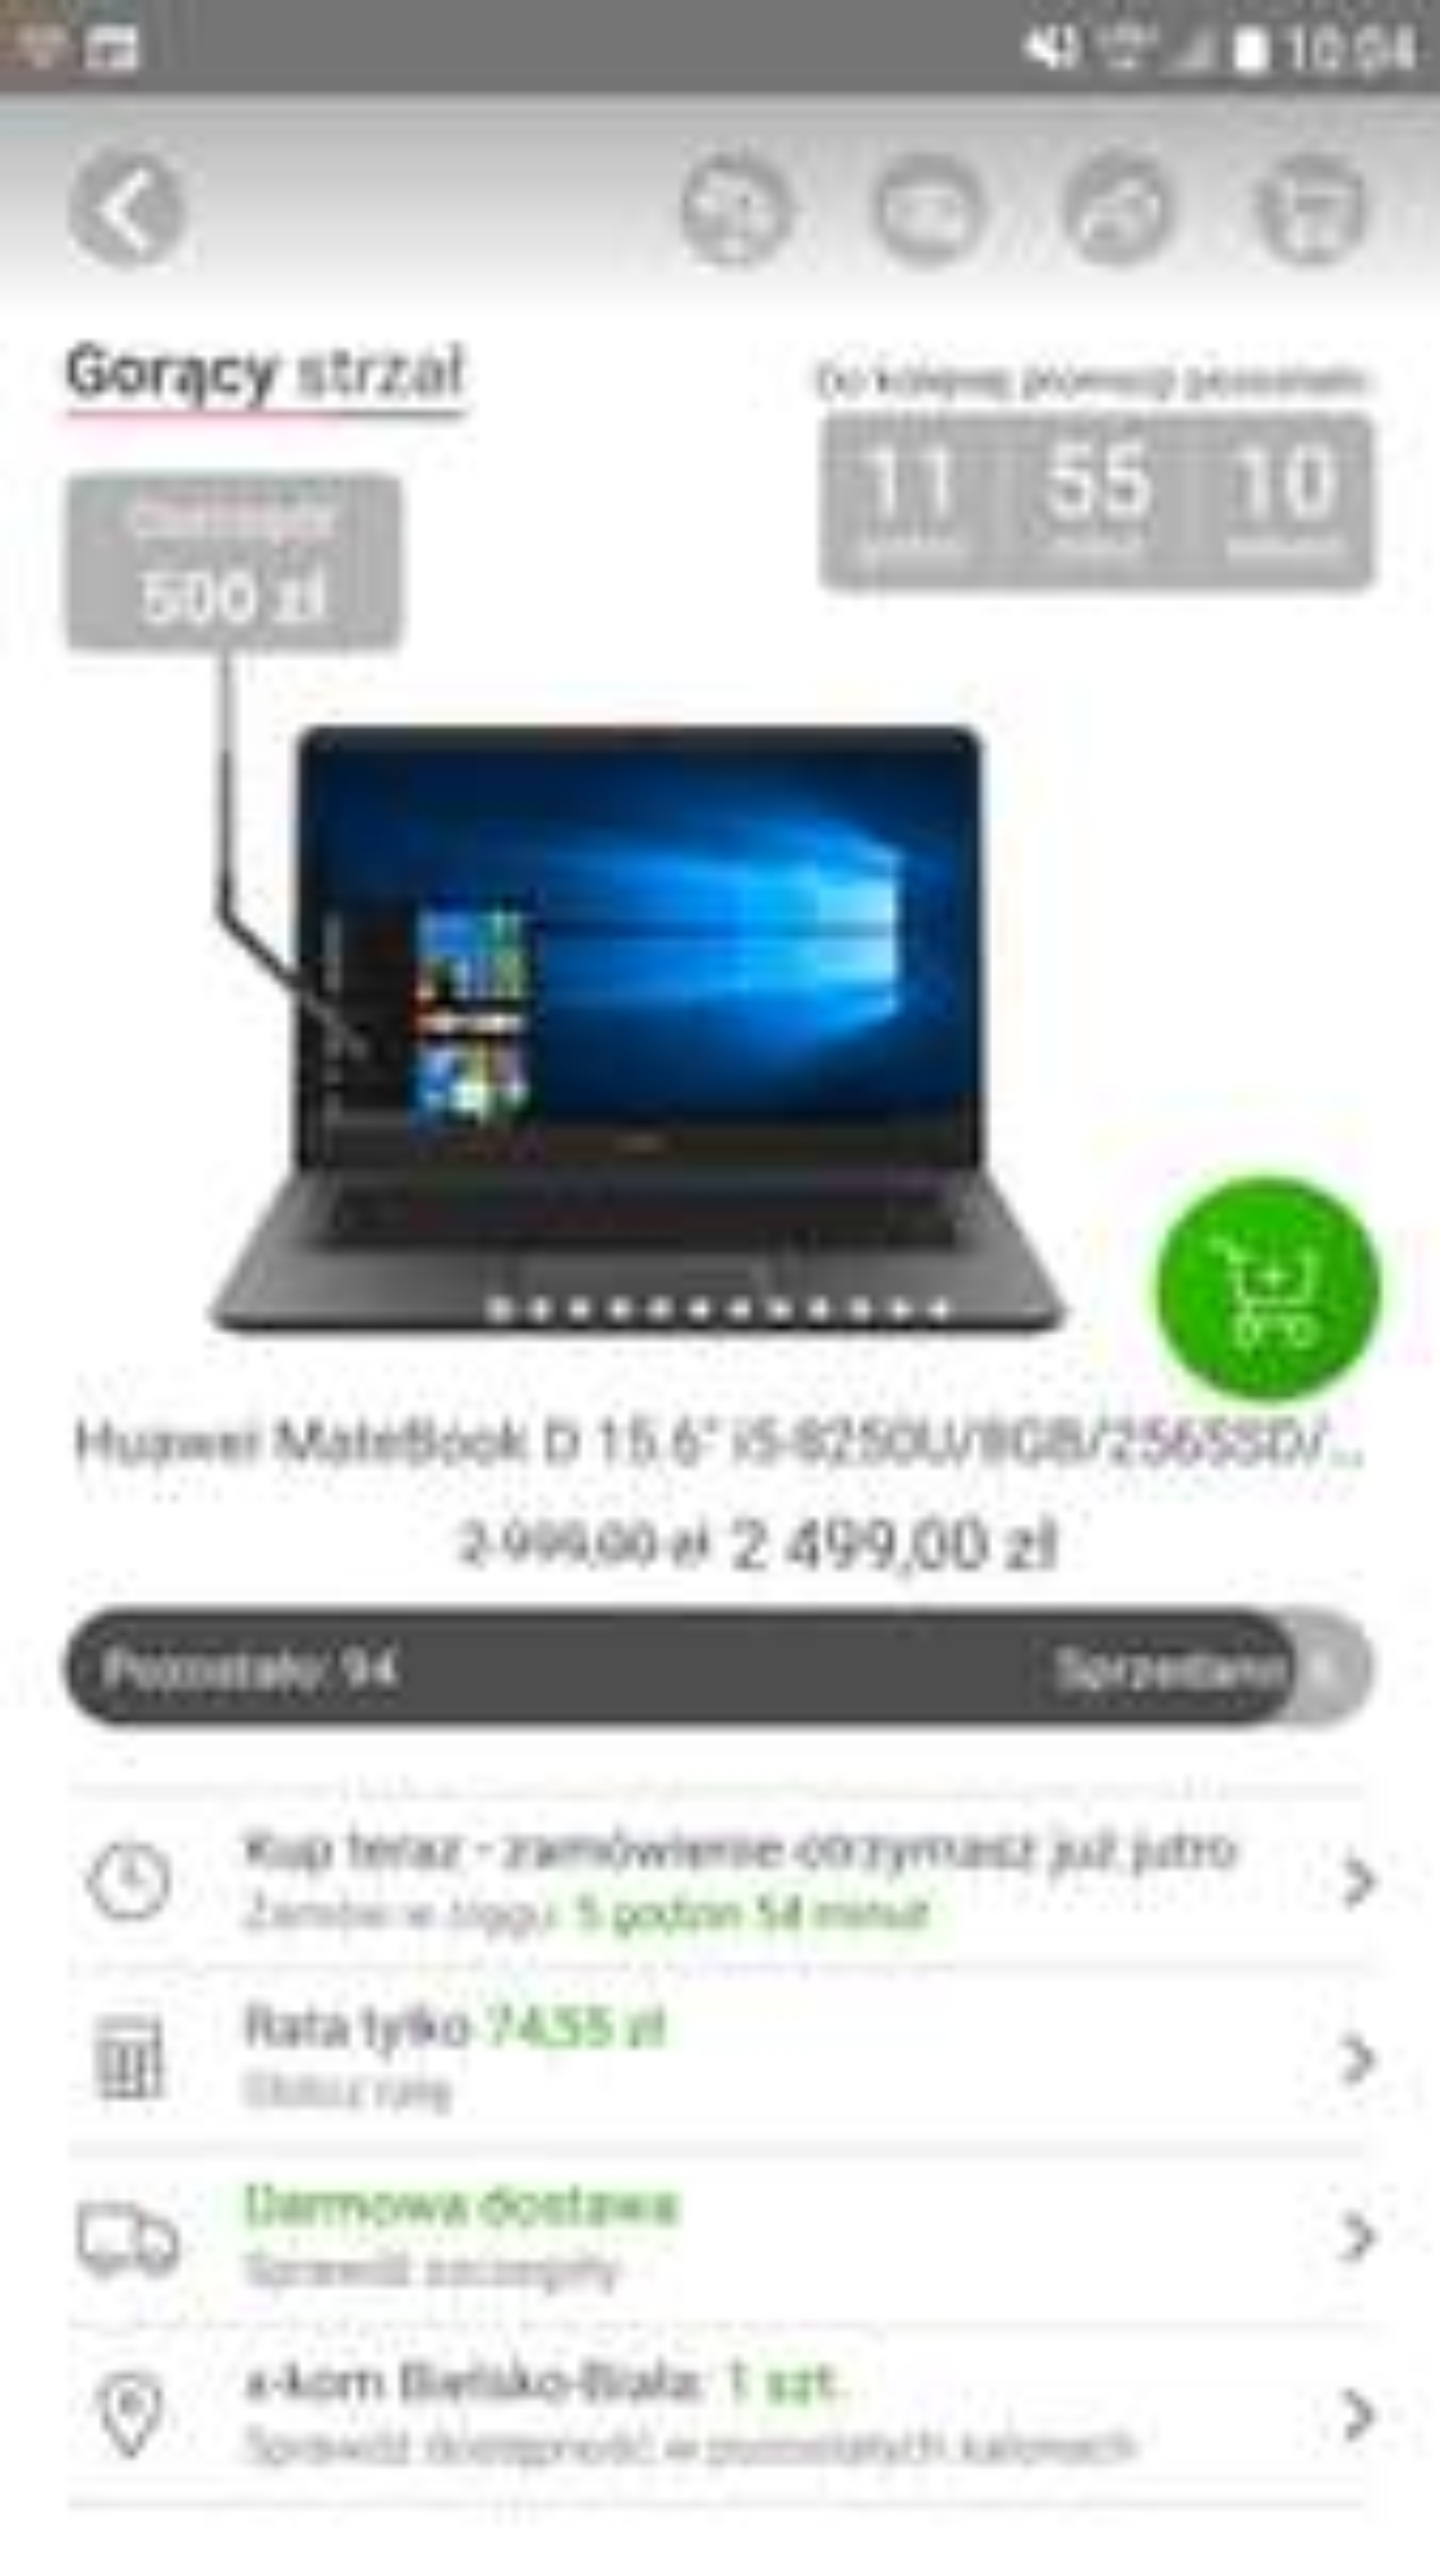 Huawei MateBook D 15.6 w gorącym strzale 500zł taniej.